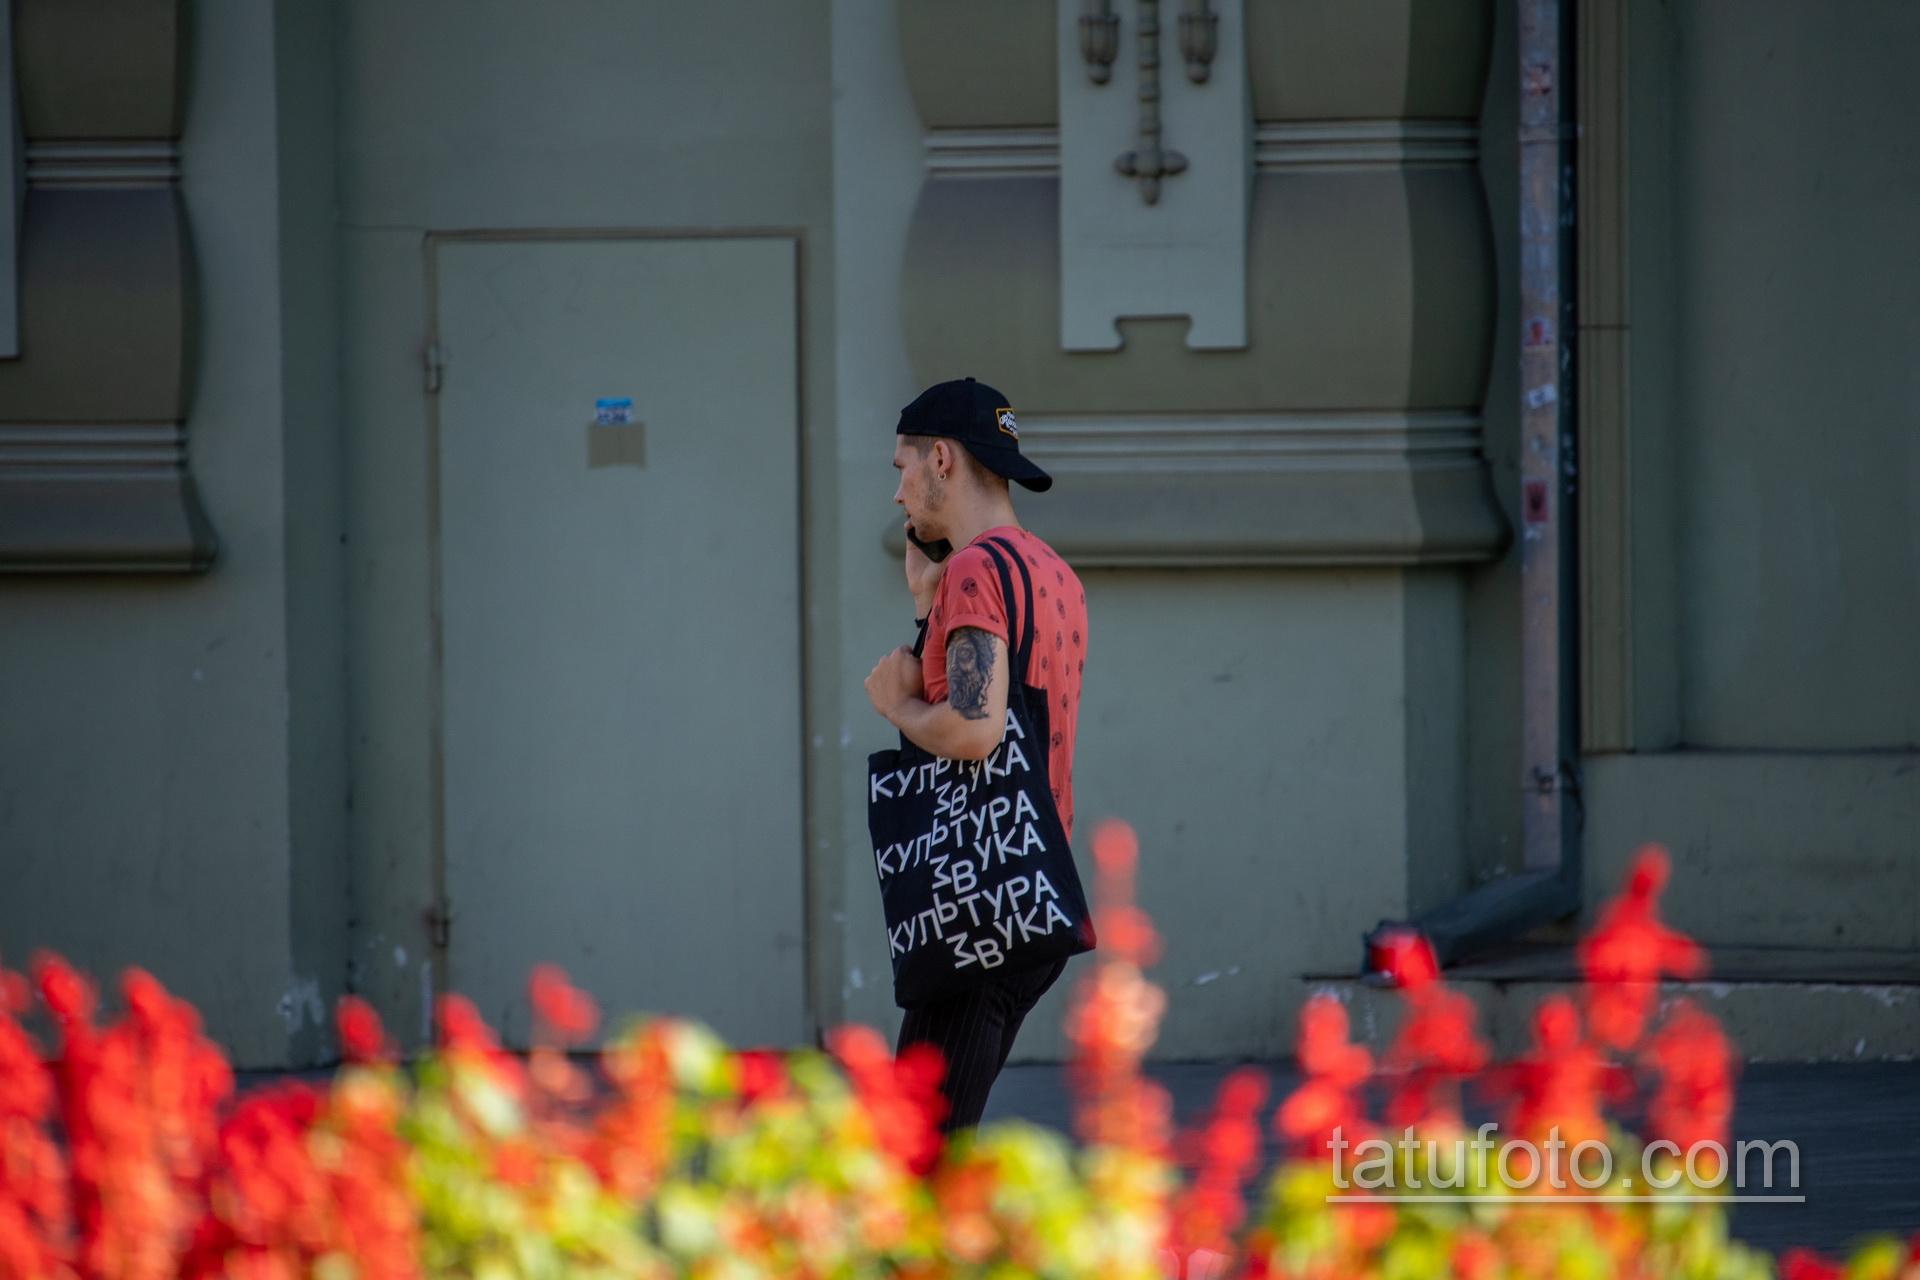 Татуировка с лицом статуи мыслителя на руке парня - Уличная татуировка 14.09.2020 – tatufoto.com 5